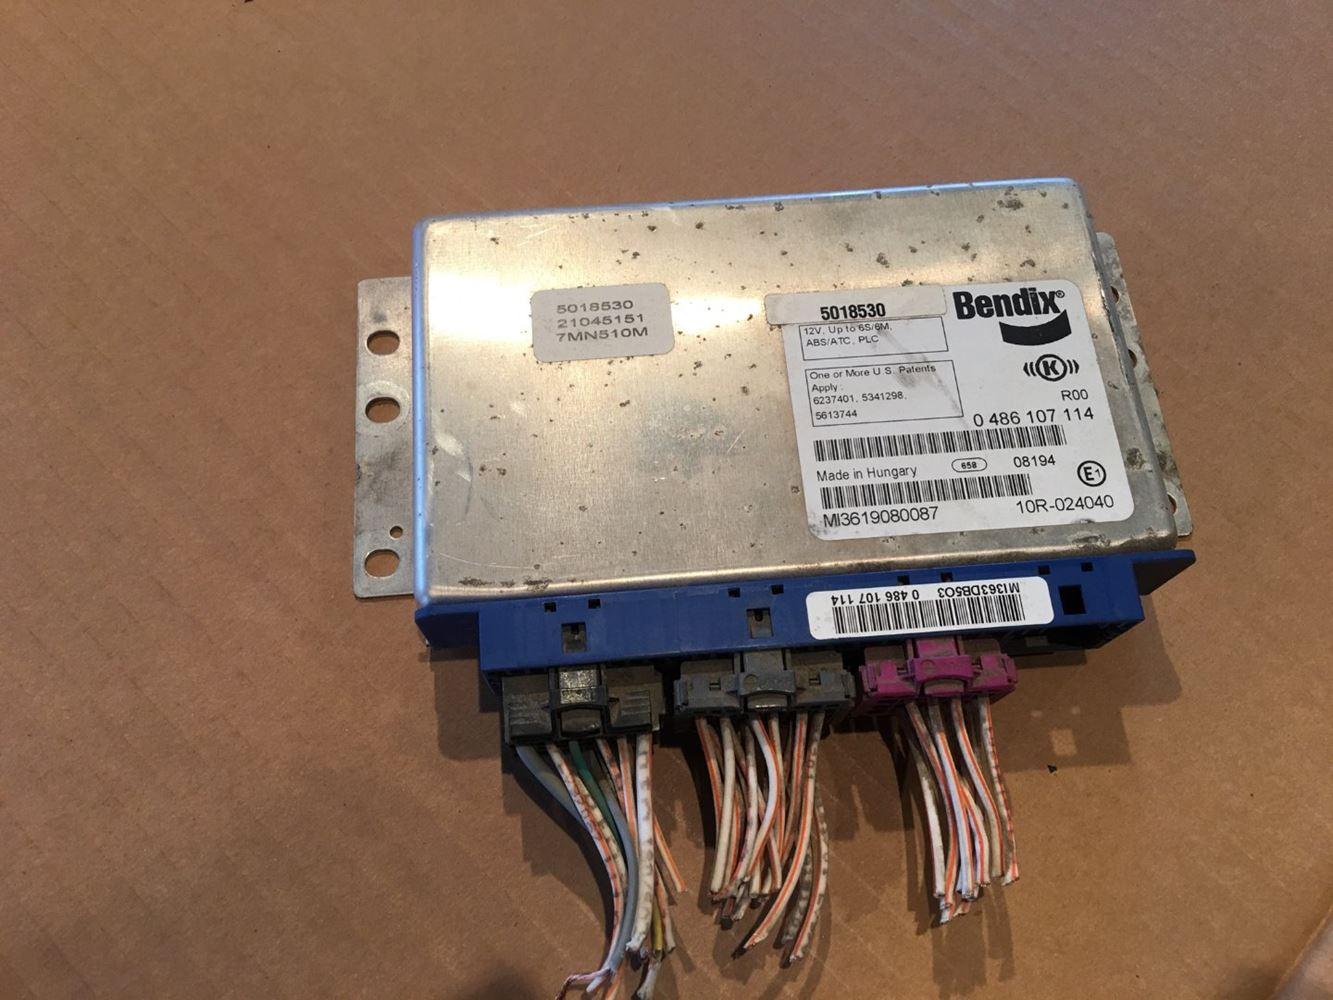 Bendix 5018581 (Stock #P-368)